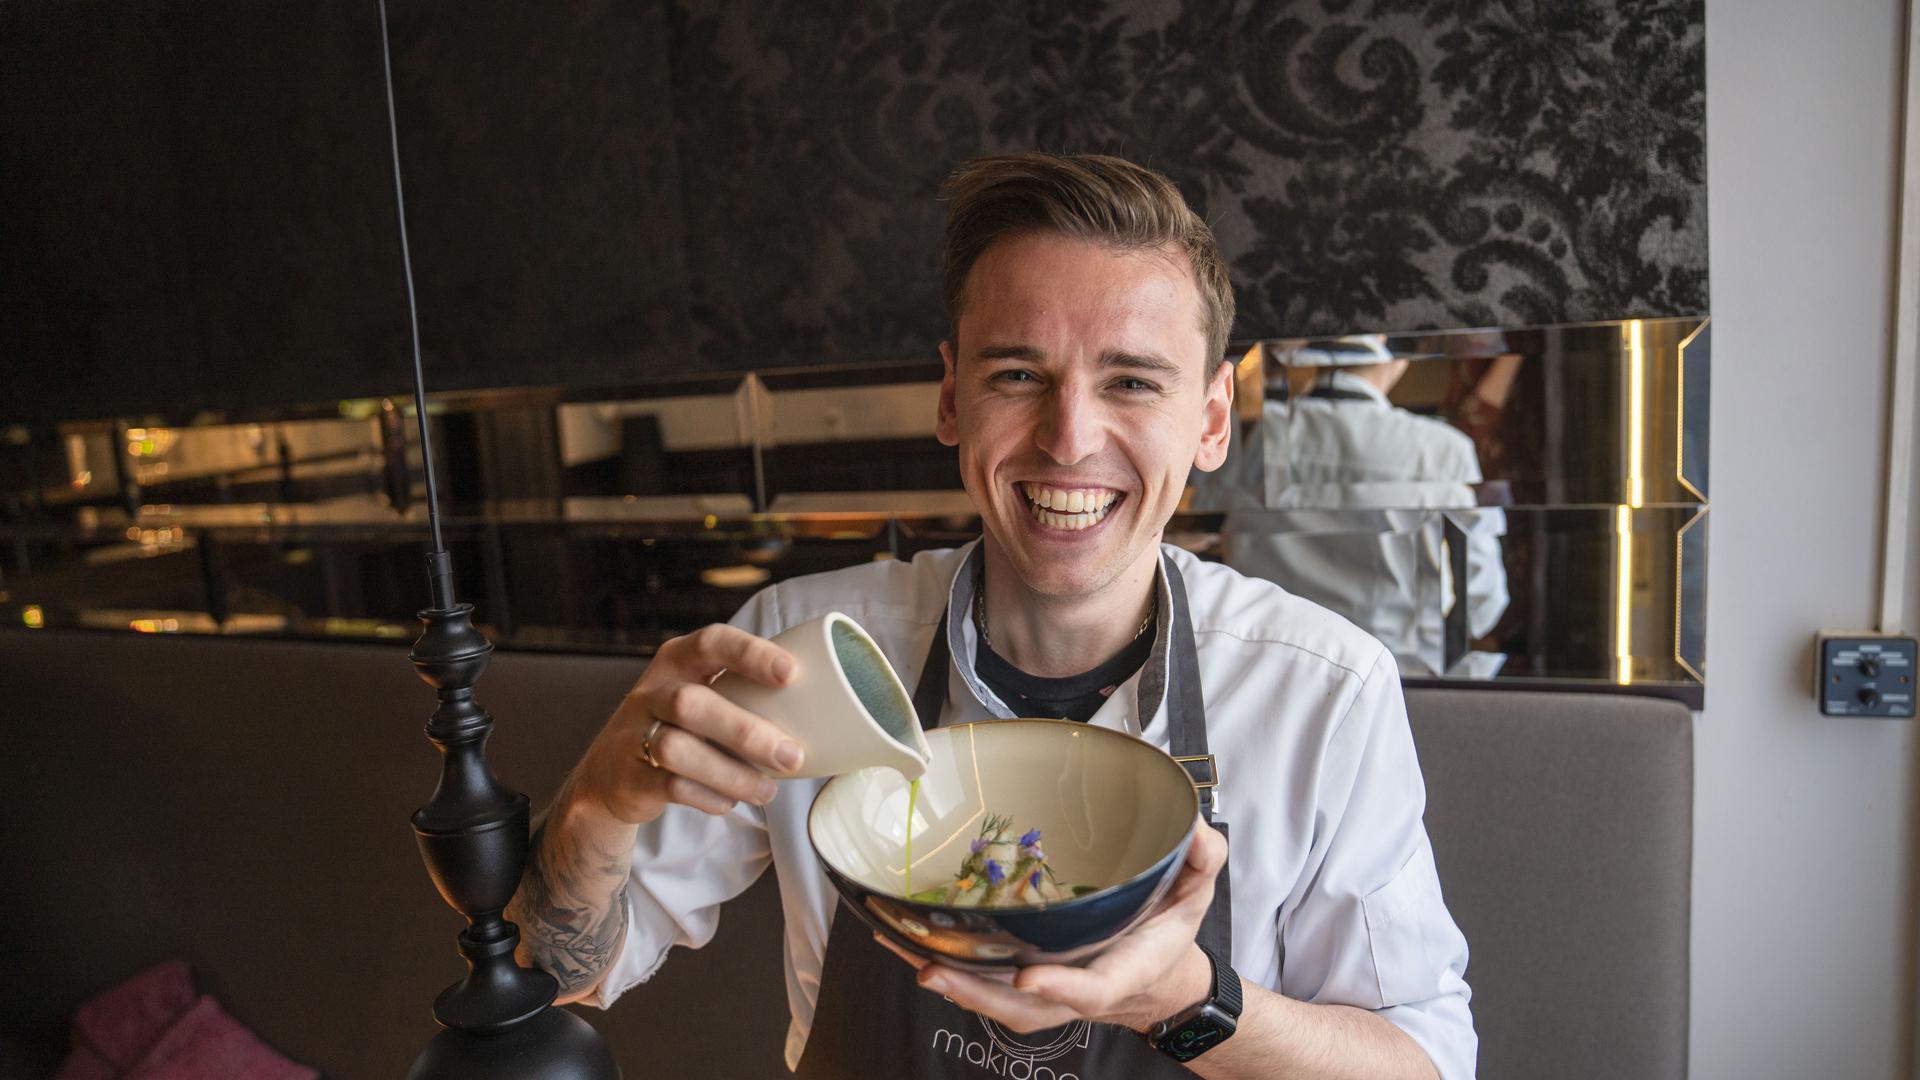 Daniel Weimer schüttet fermentierten Kohlrabisaft in einen Teller und lacht sich kaputt.